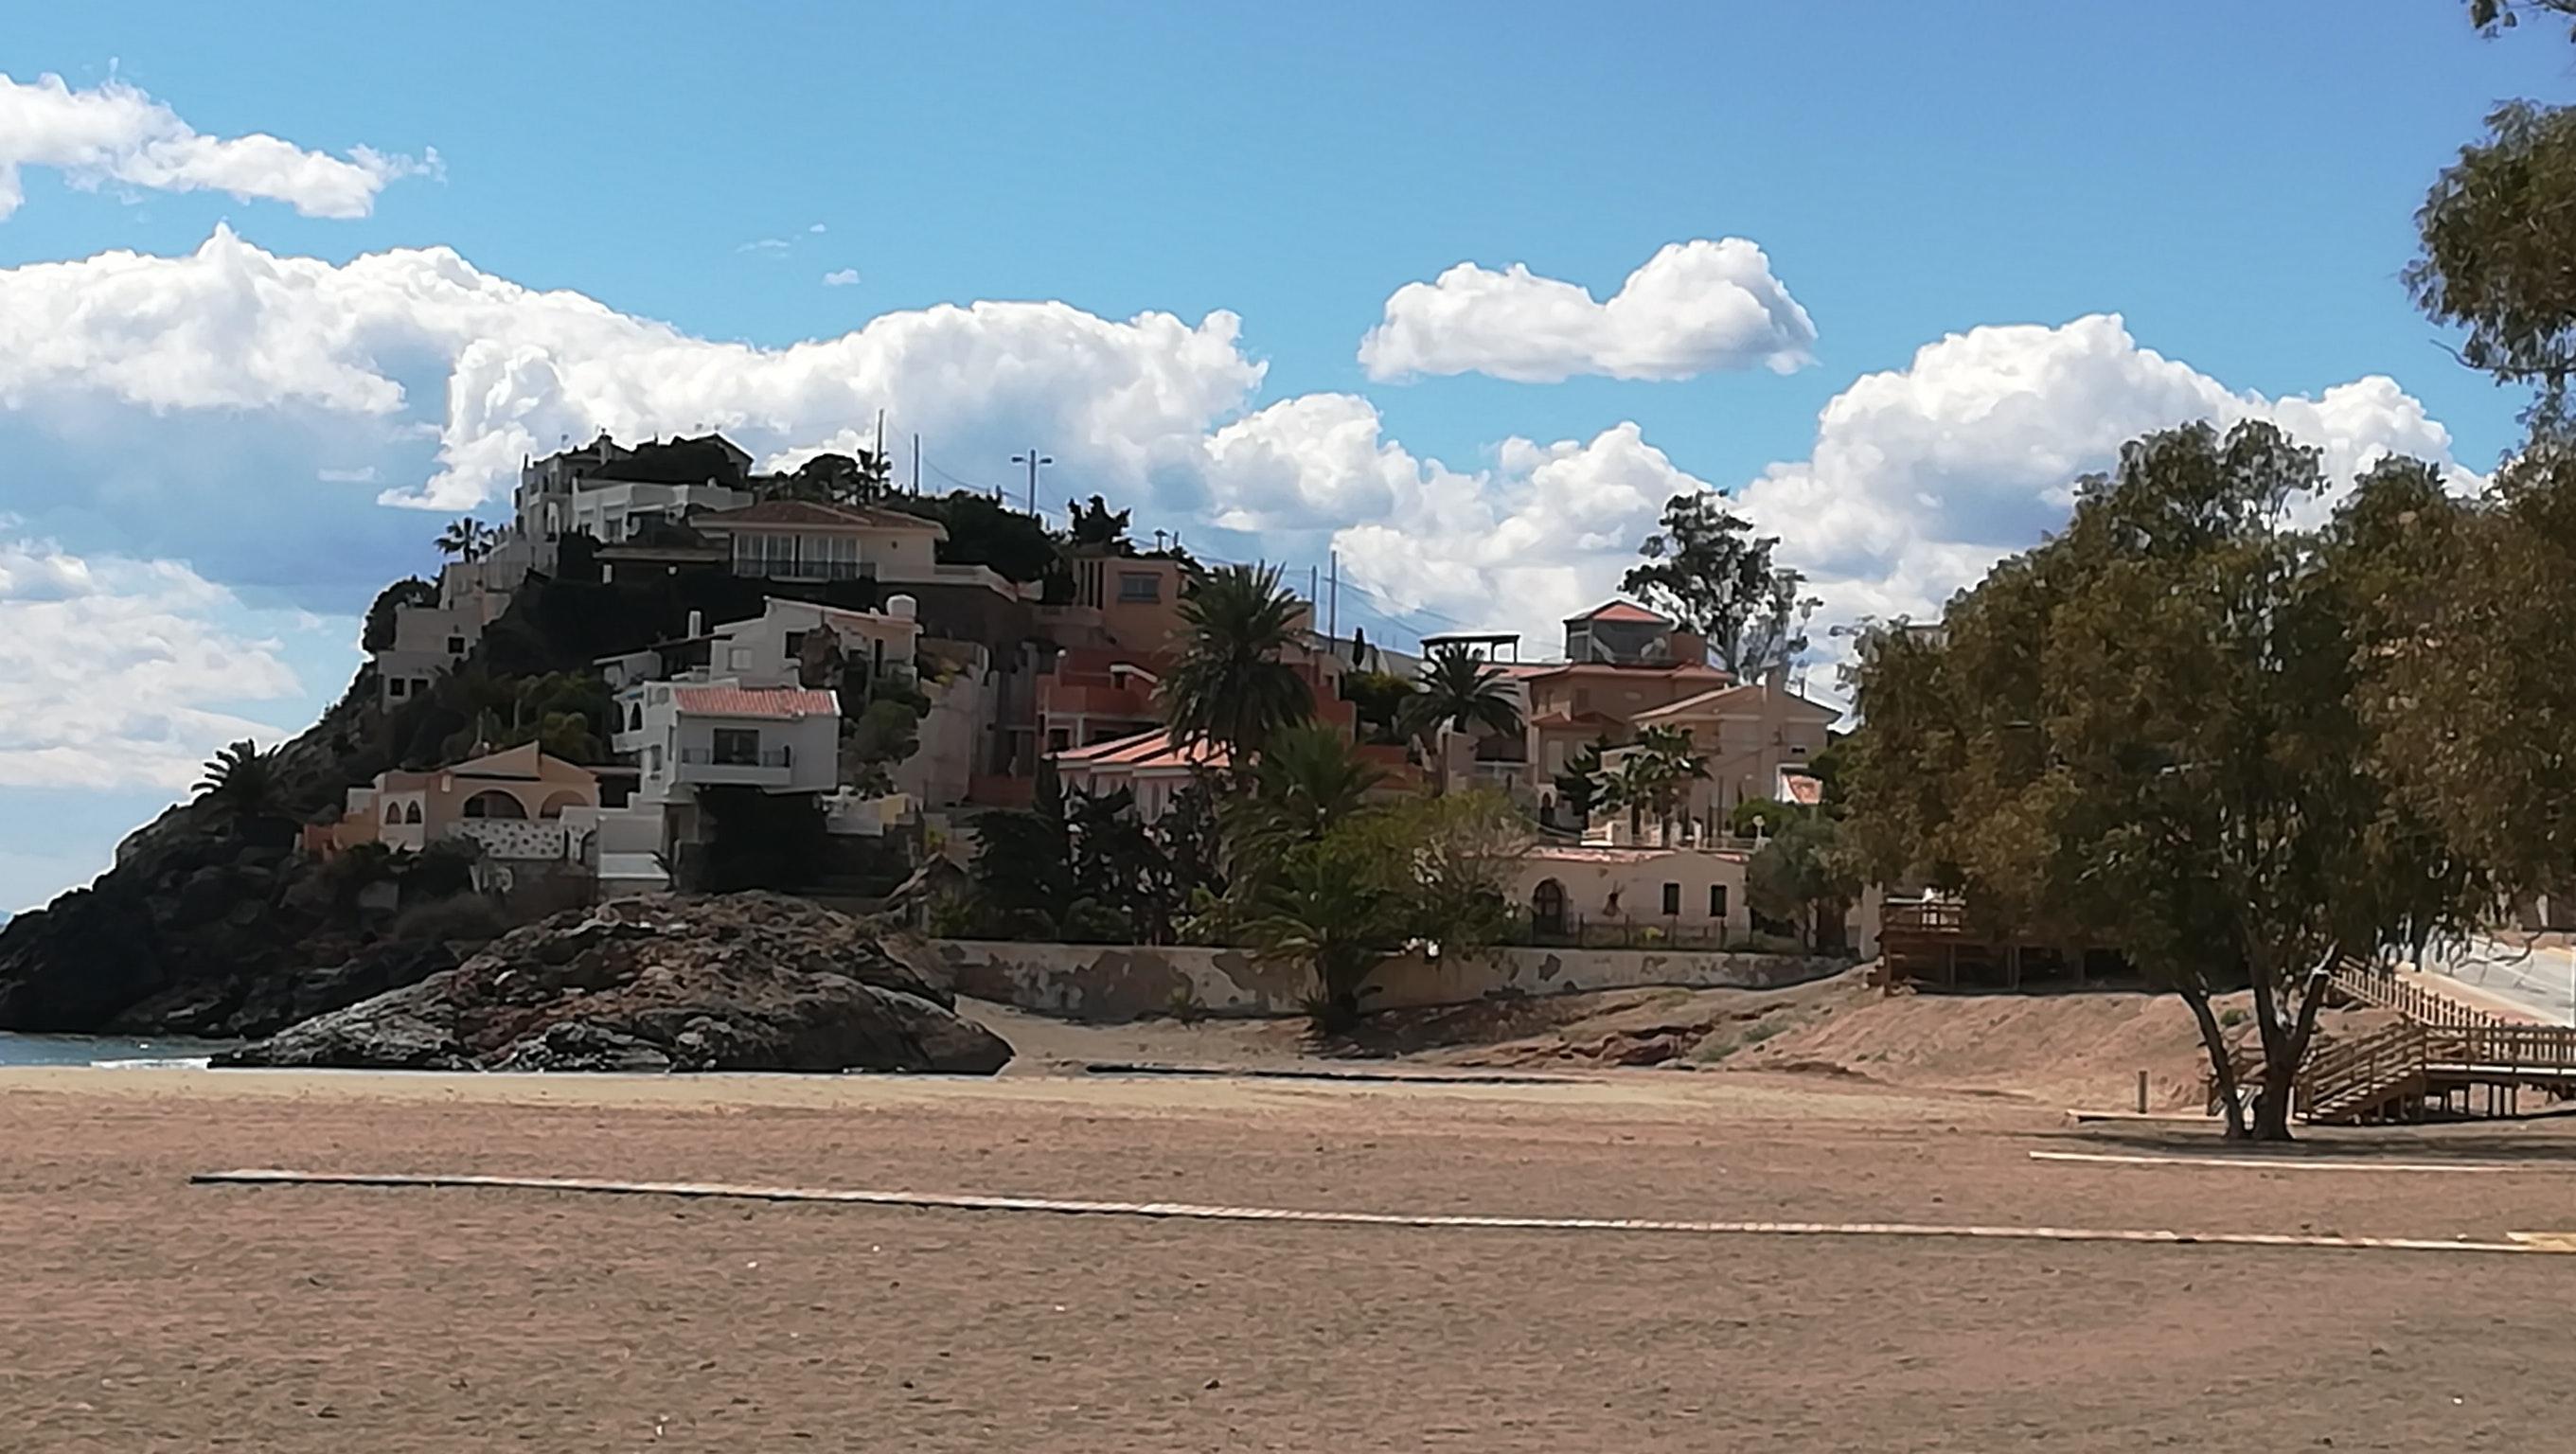 Maison de vacances Villa mit 2 Schlafzimmern in Mazarrón mit toller Aussicht auf die Berge, privatem Pool, ei (2632538), Mazarron, Costa Calida, Murcie, Espagne, image 32